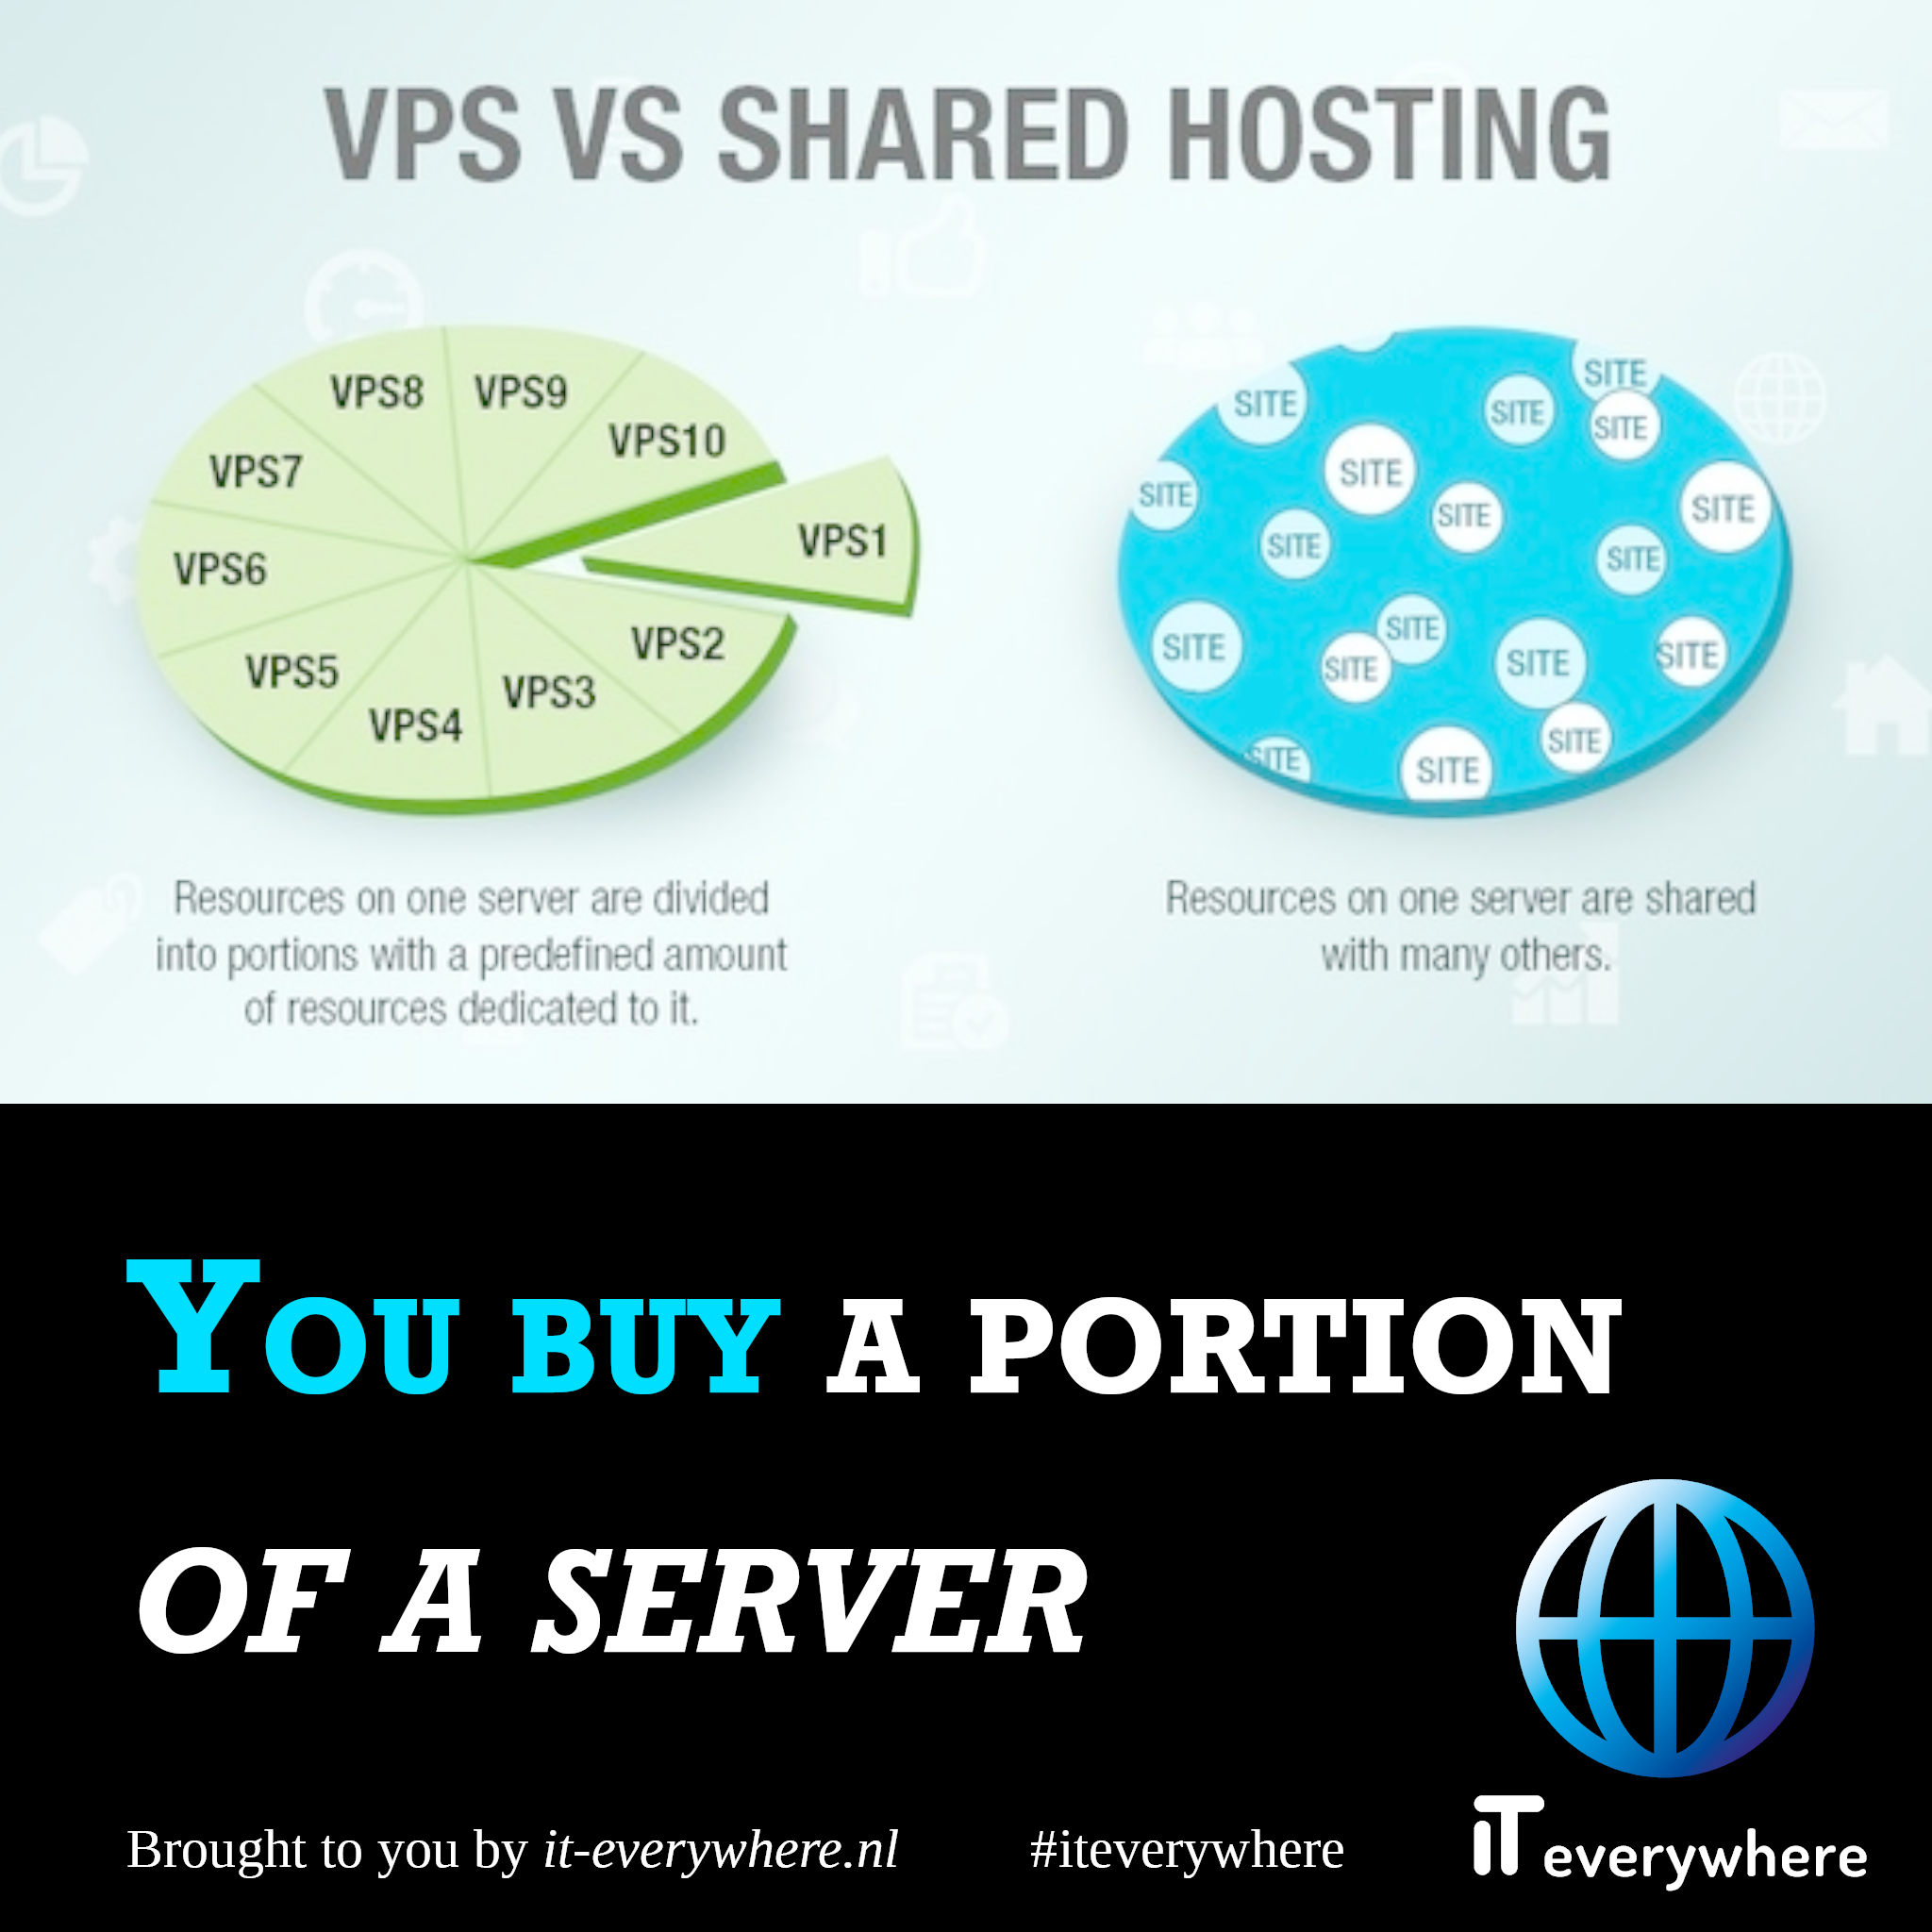 Je koopt als het ware een portie van een server